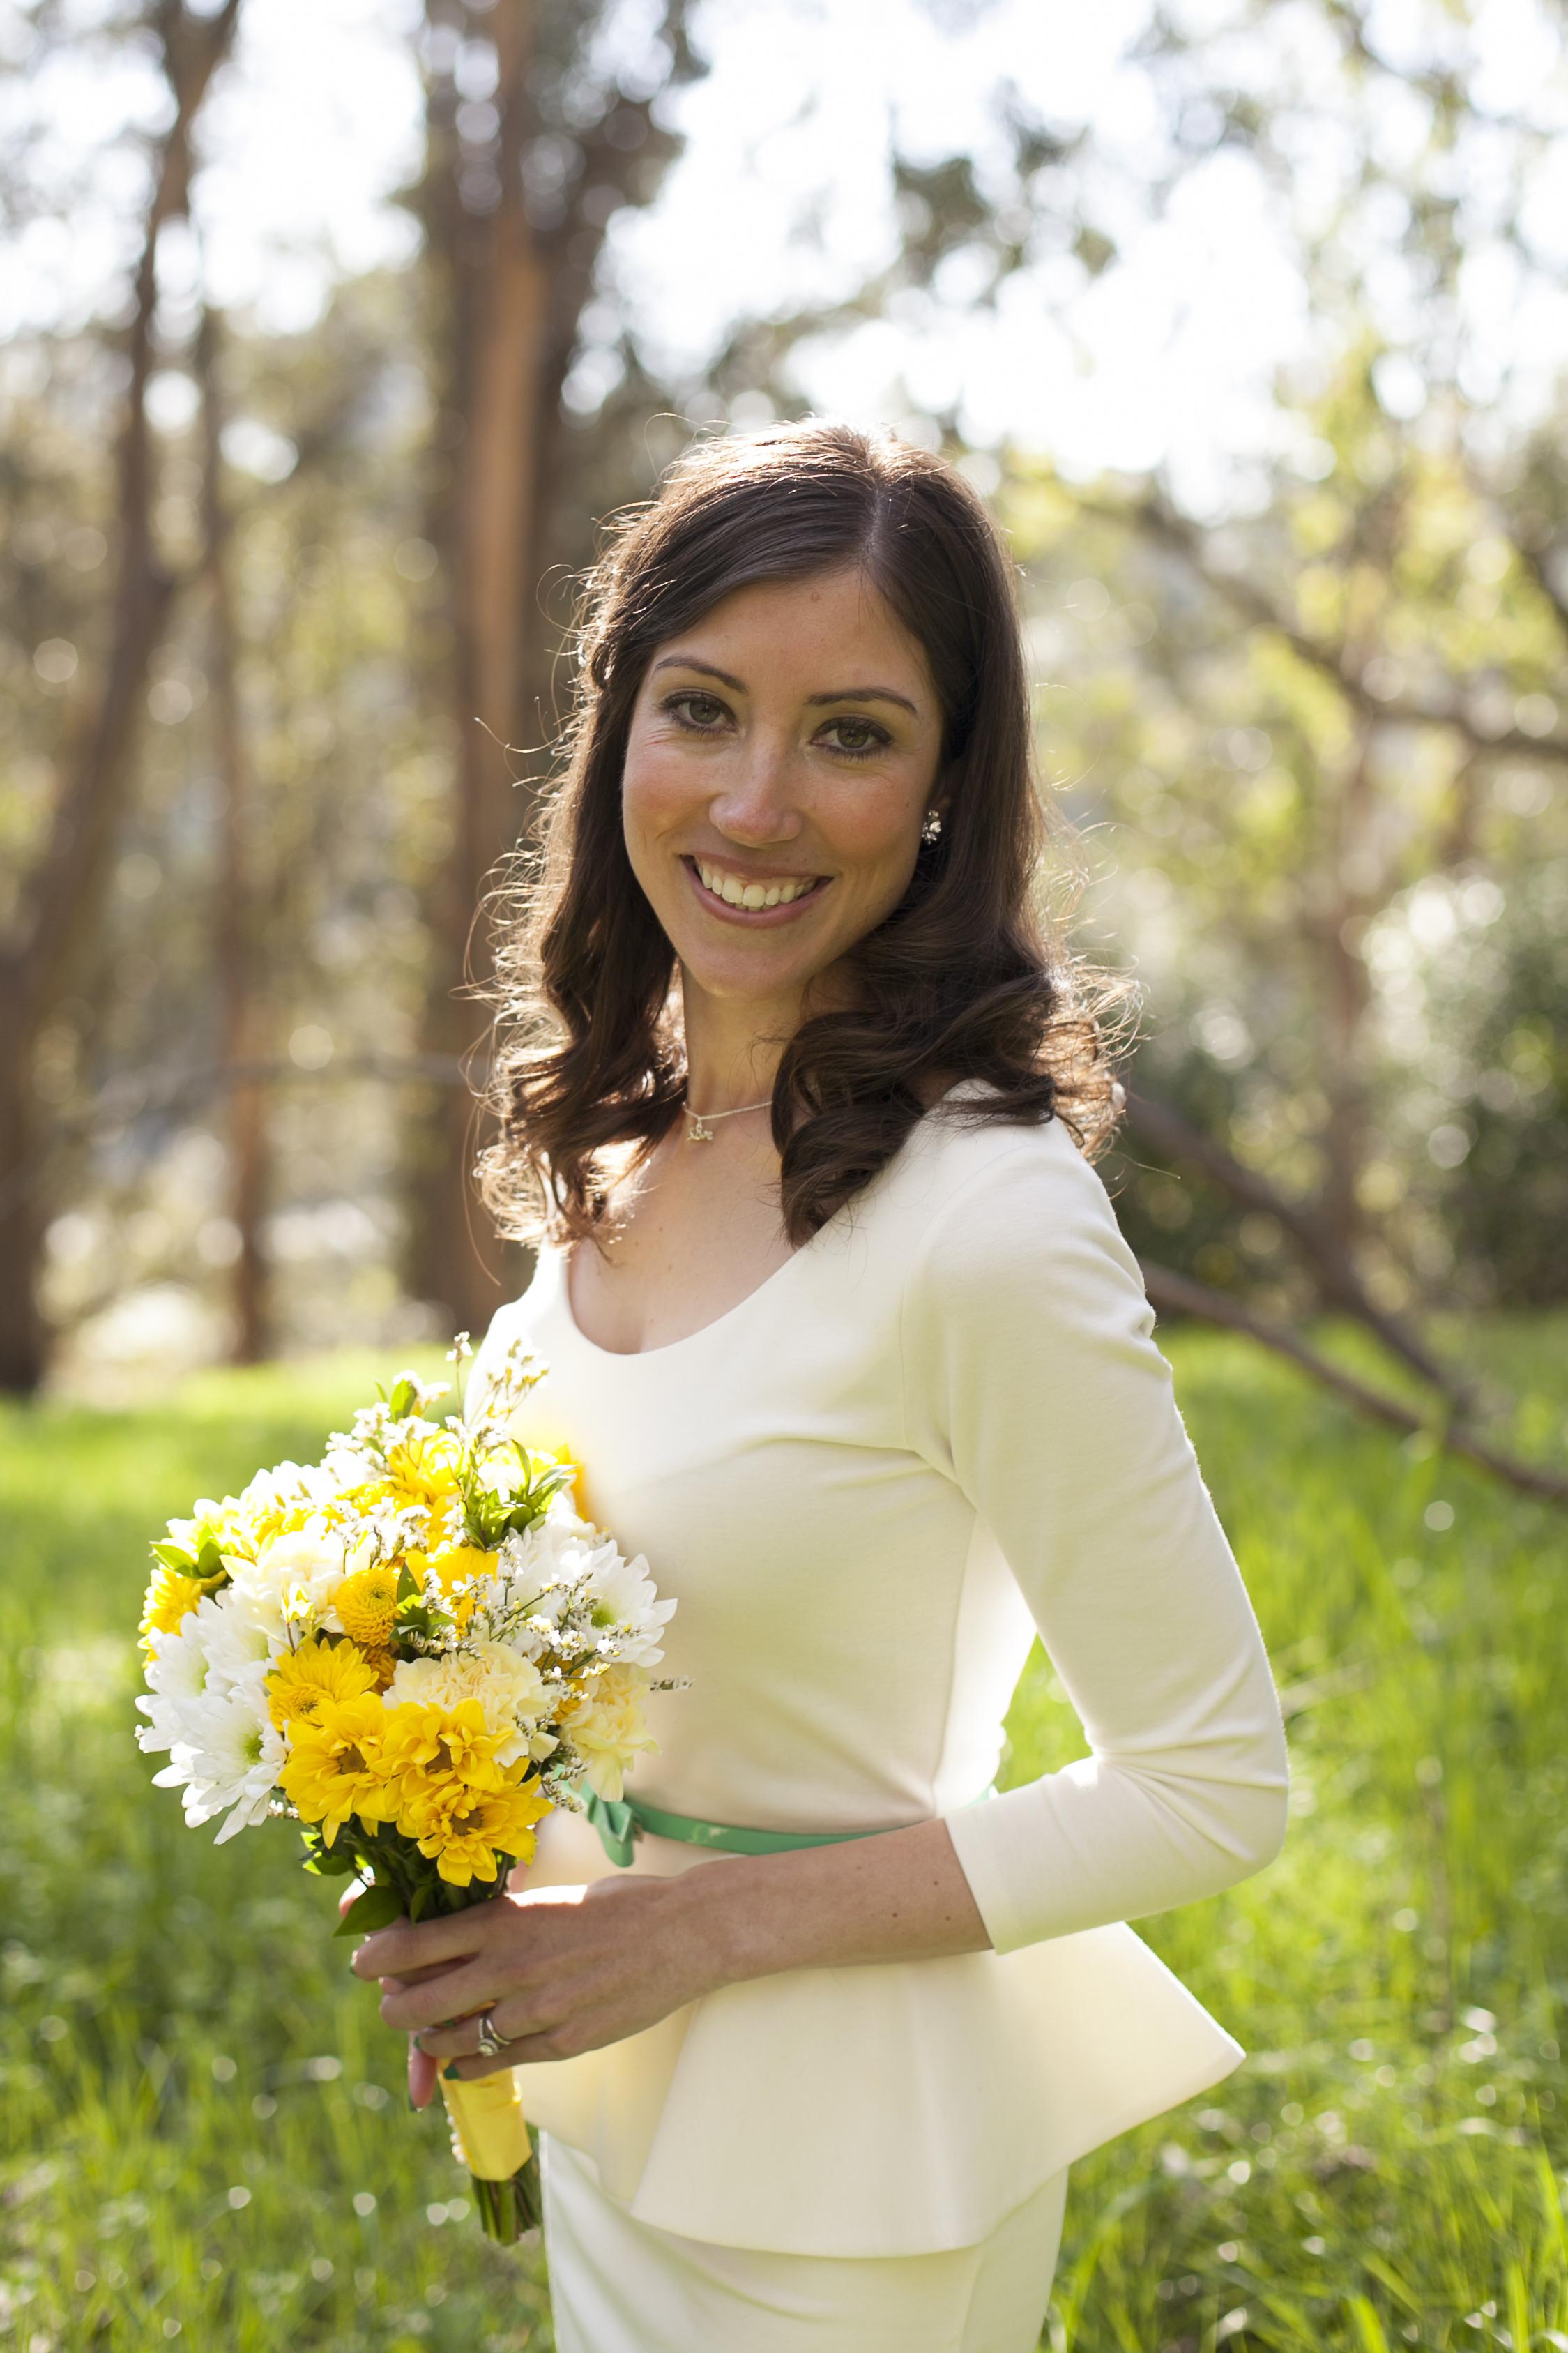 Tilden Park Berkeley Wedding Photographer-Meo Baaklini059.jpg